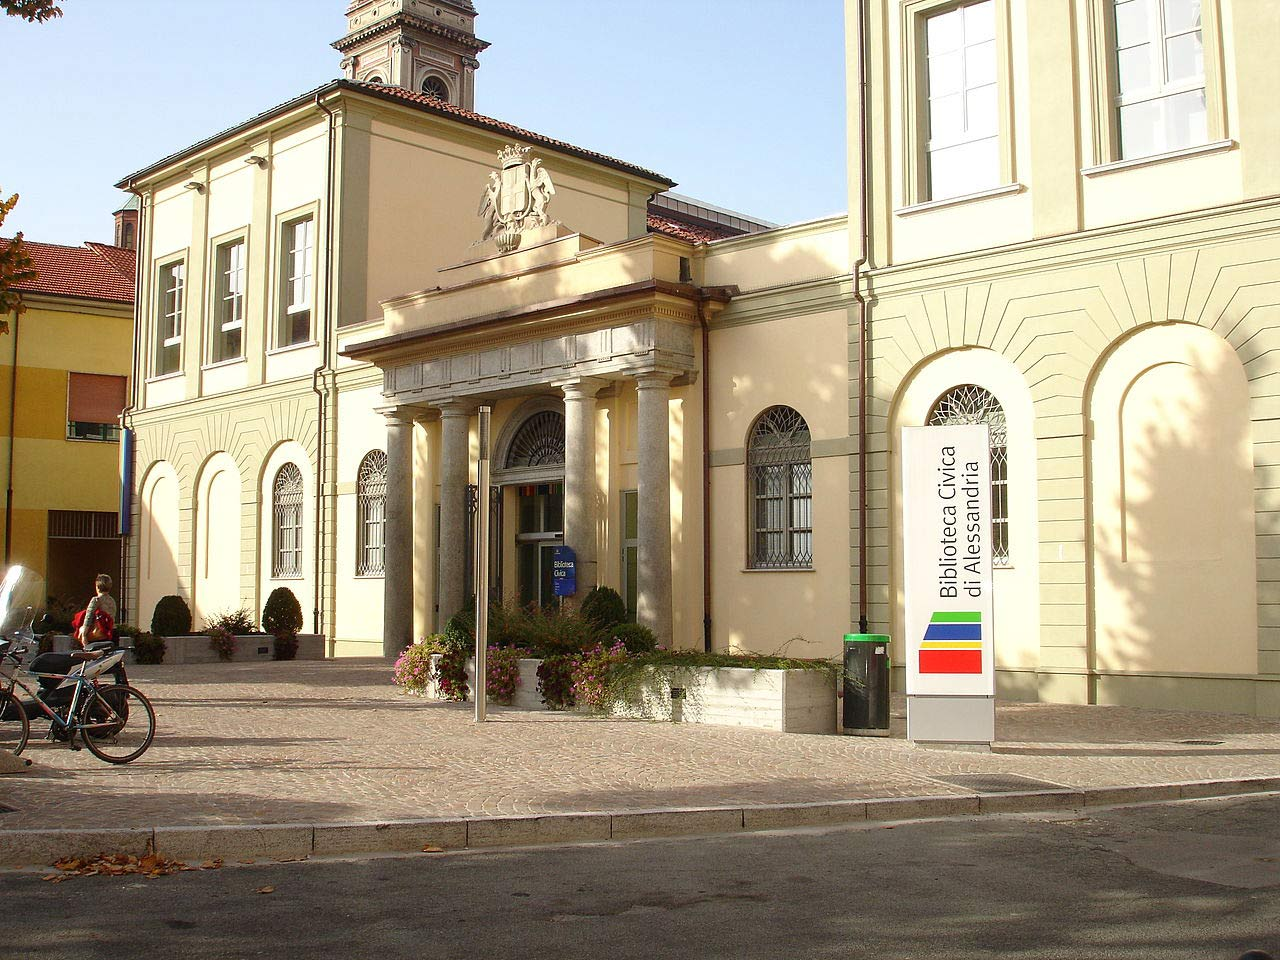 Ingresso della biblioteca civica